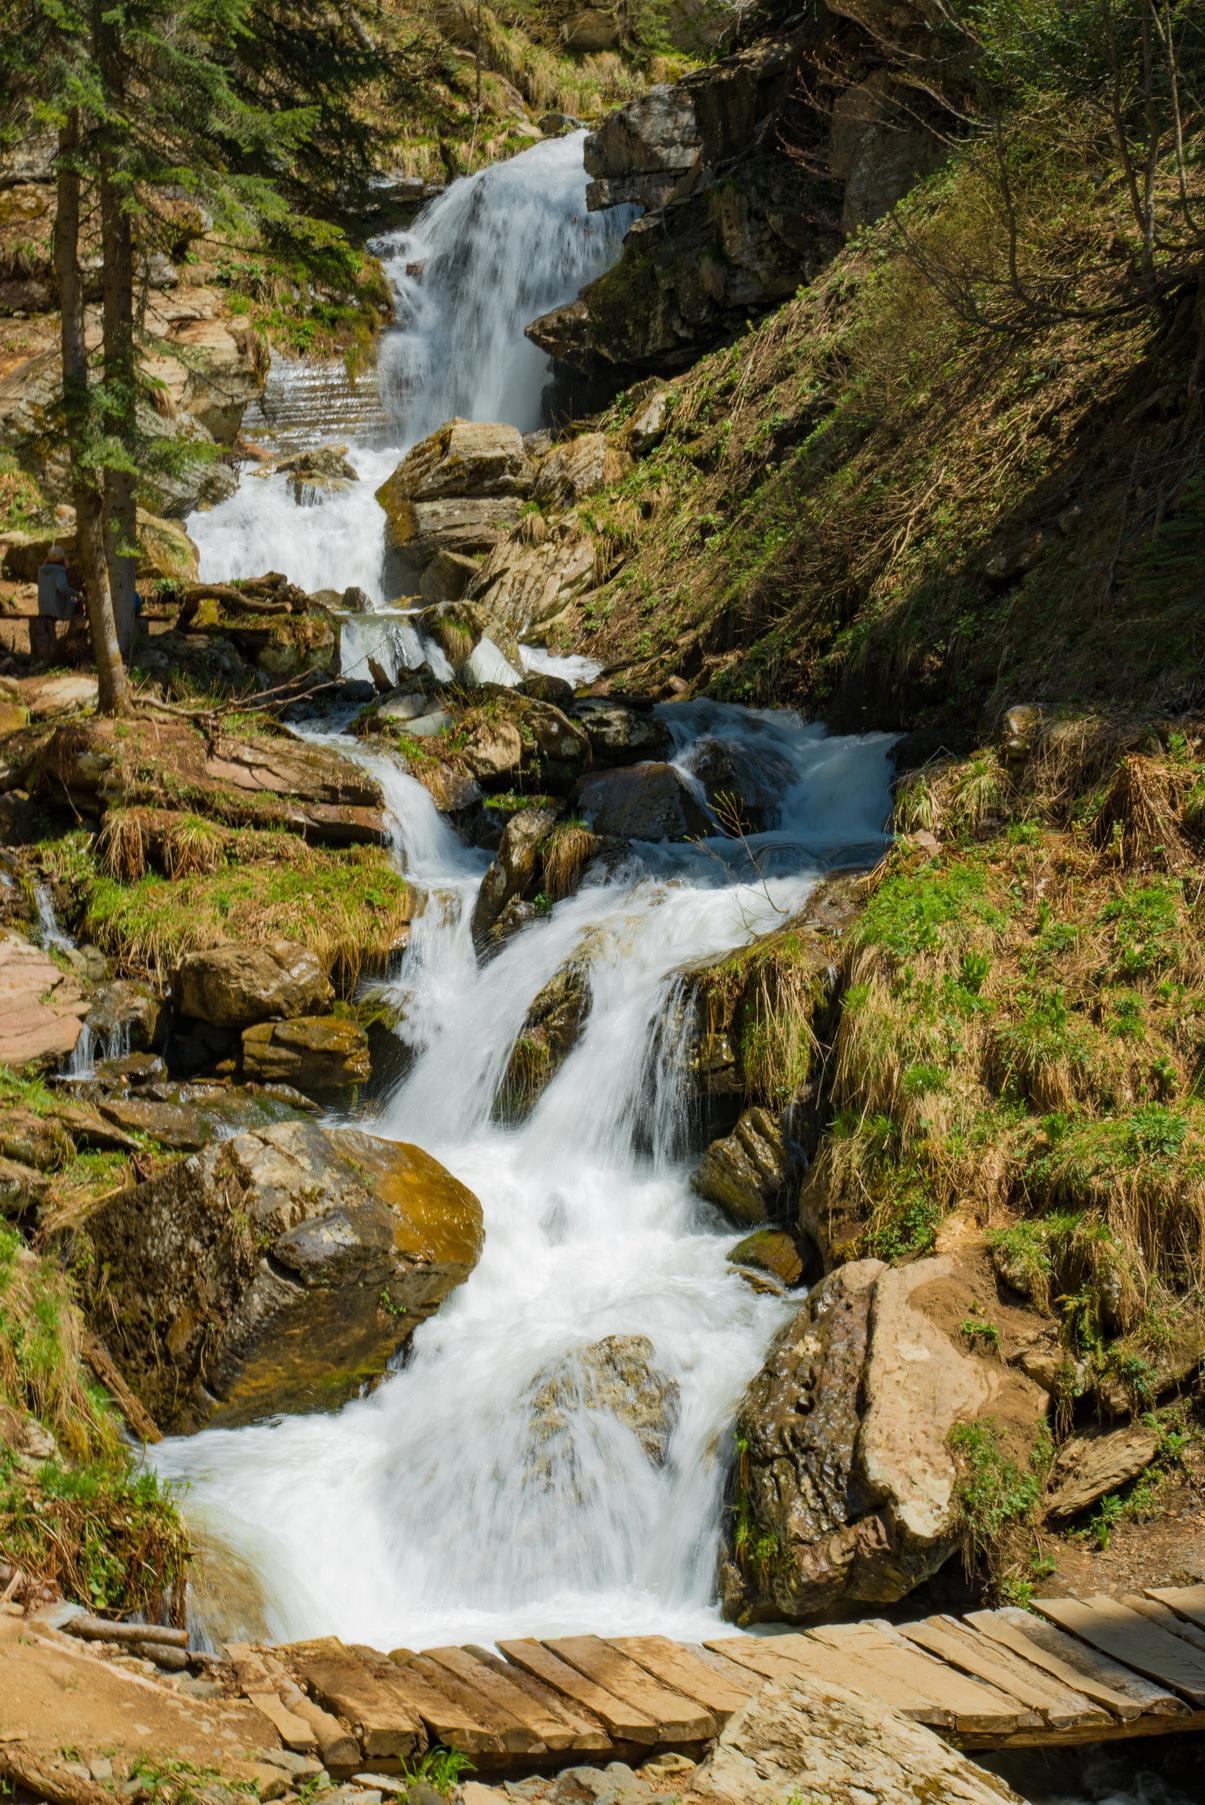 Самый высокий водопад в окрестностях Сочи можно увидеть на